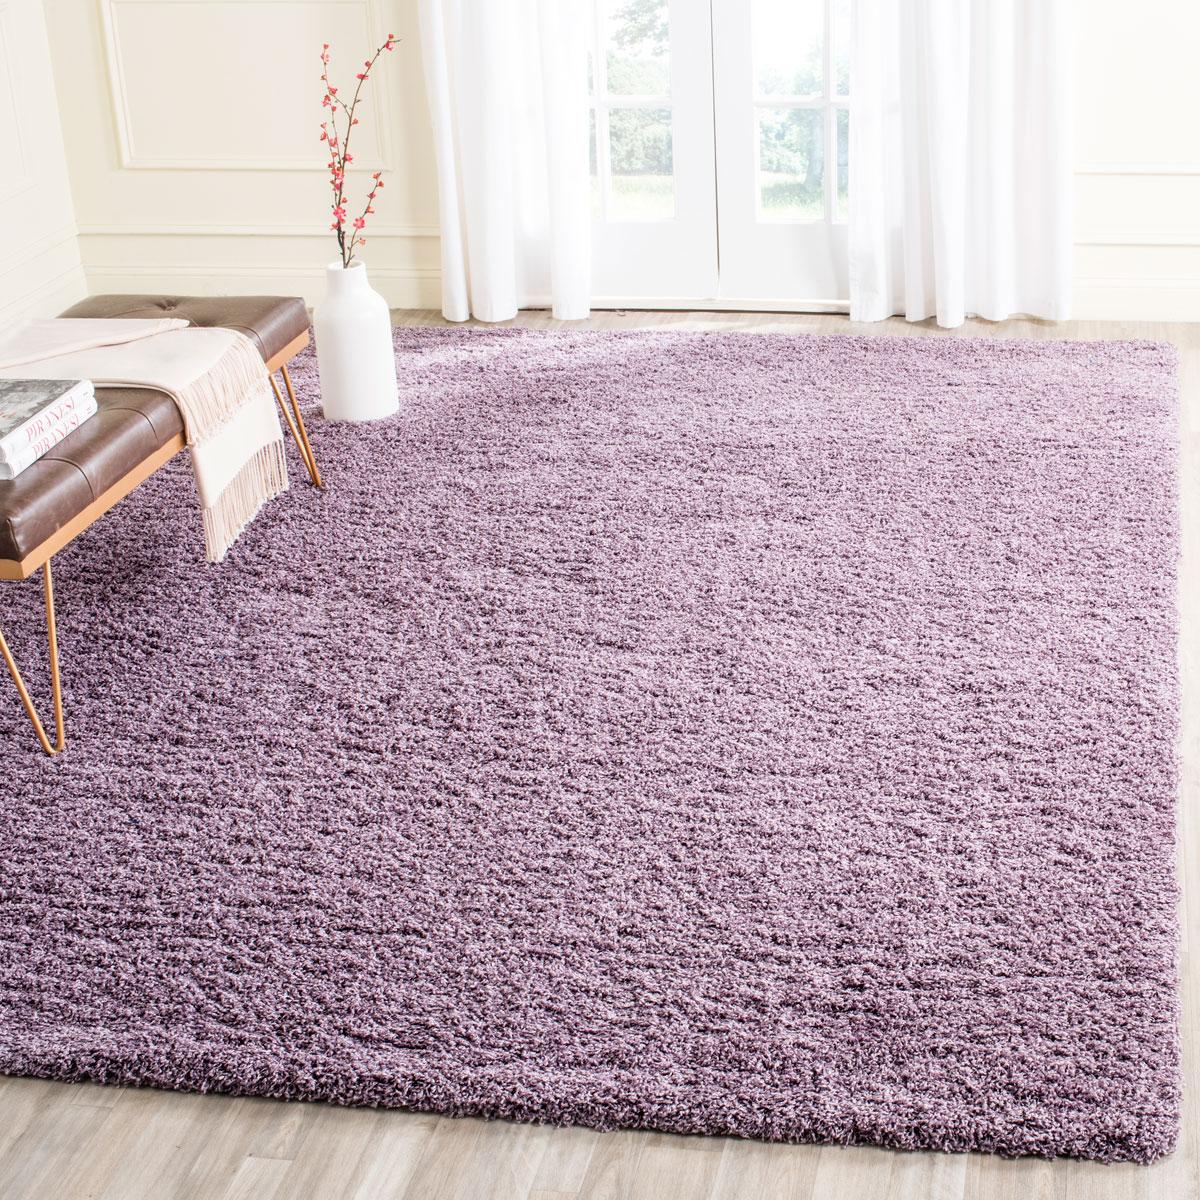 Lush Purple Shag Rug Laguna Shags Safavieh Com